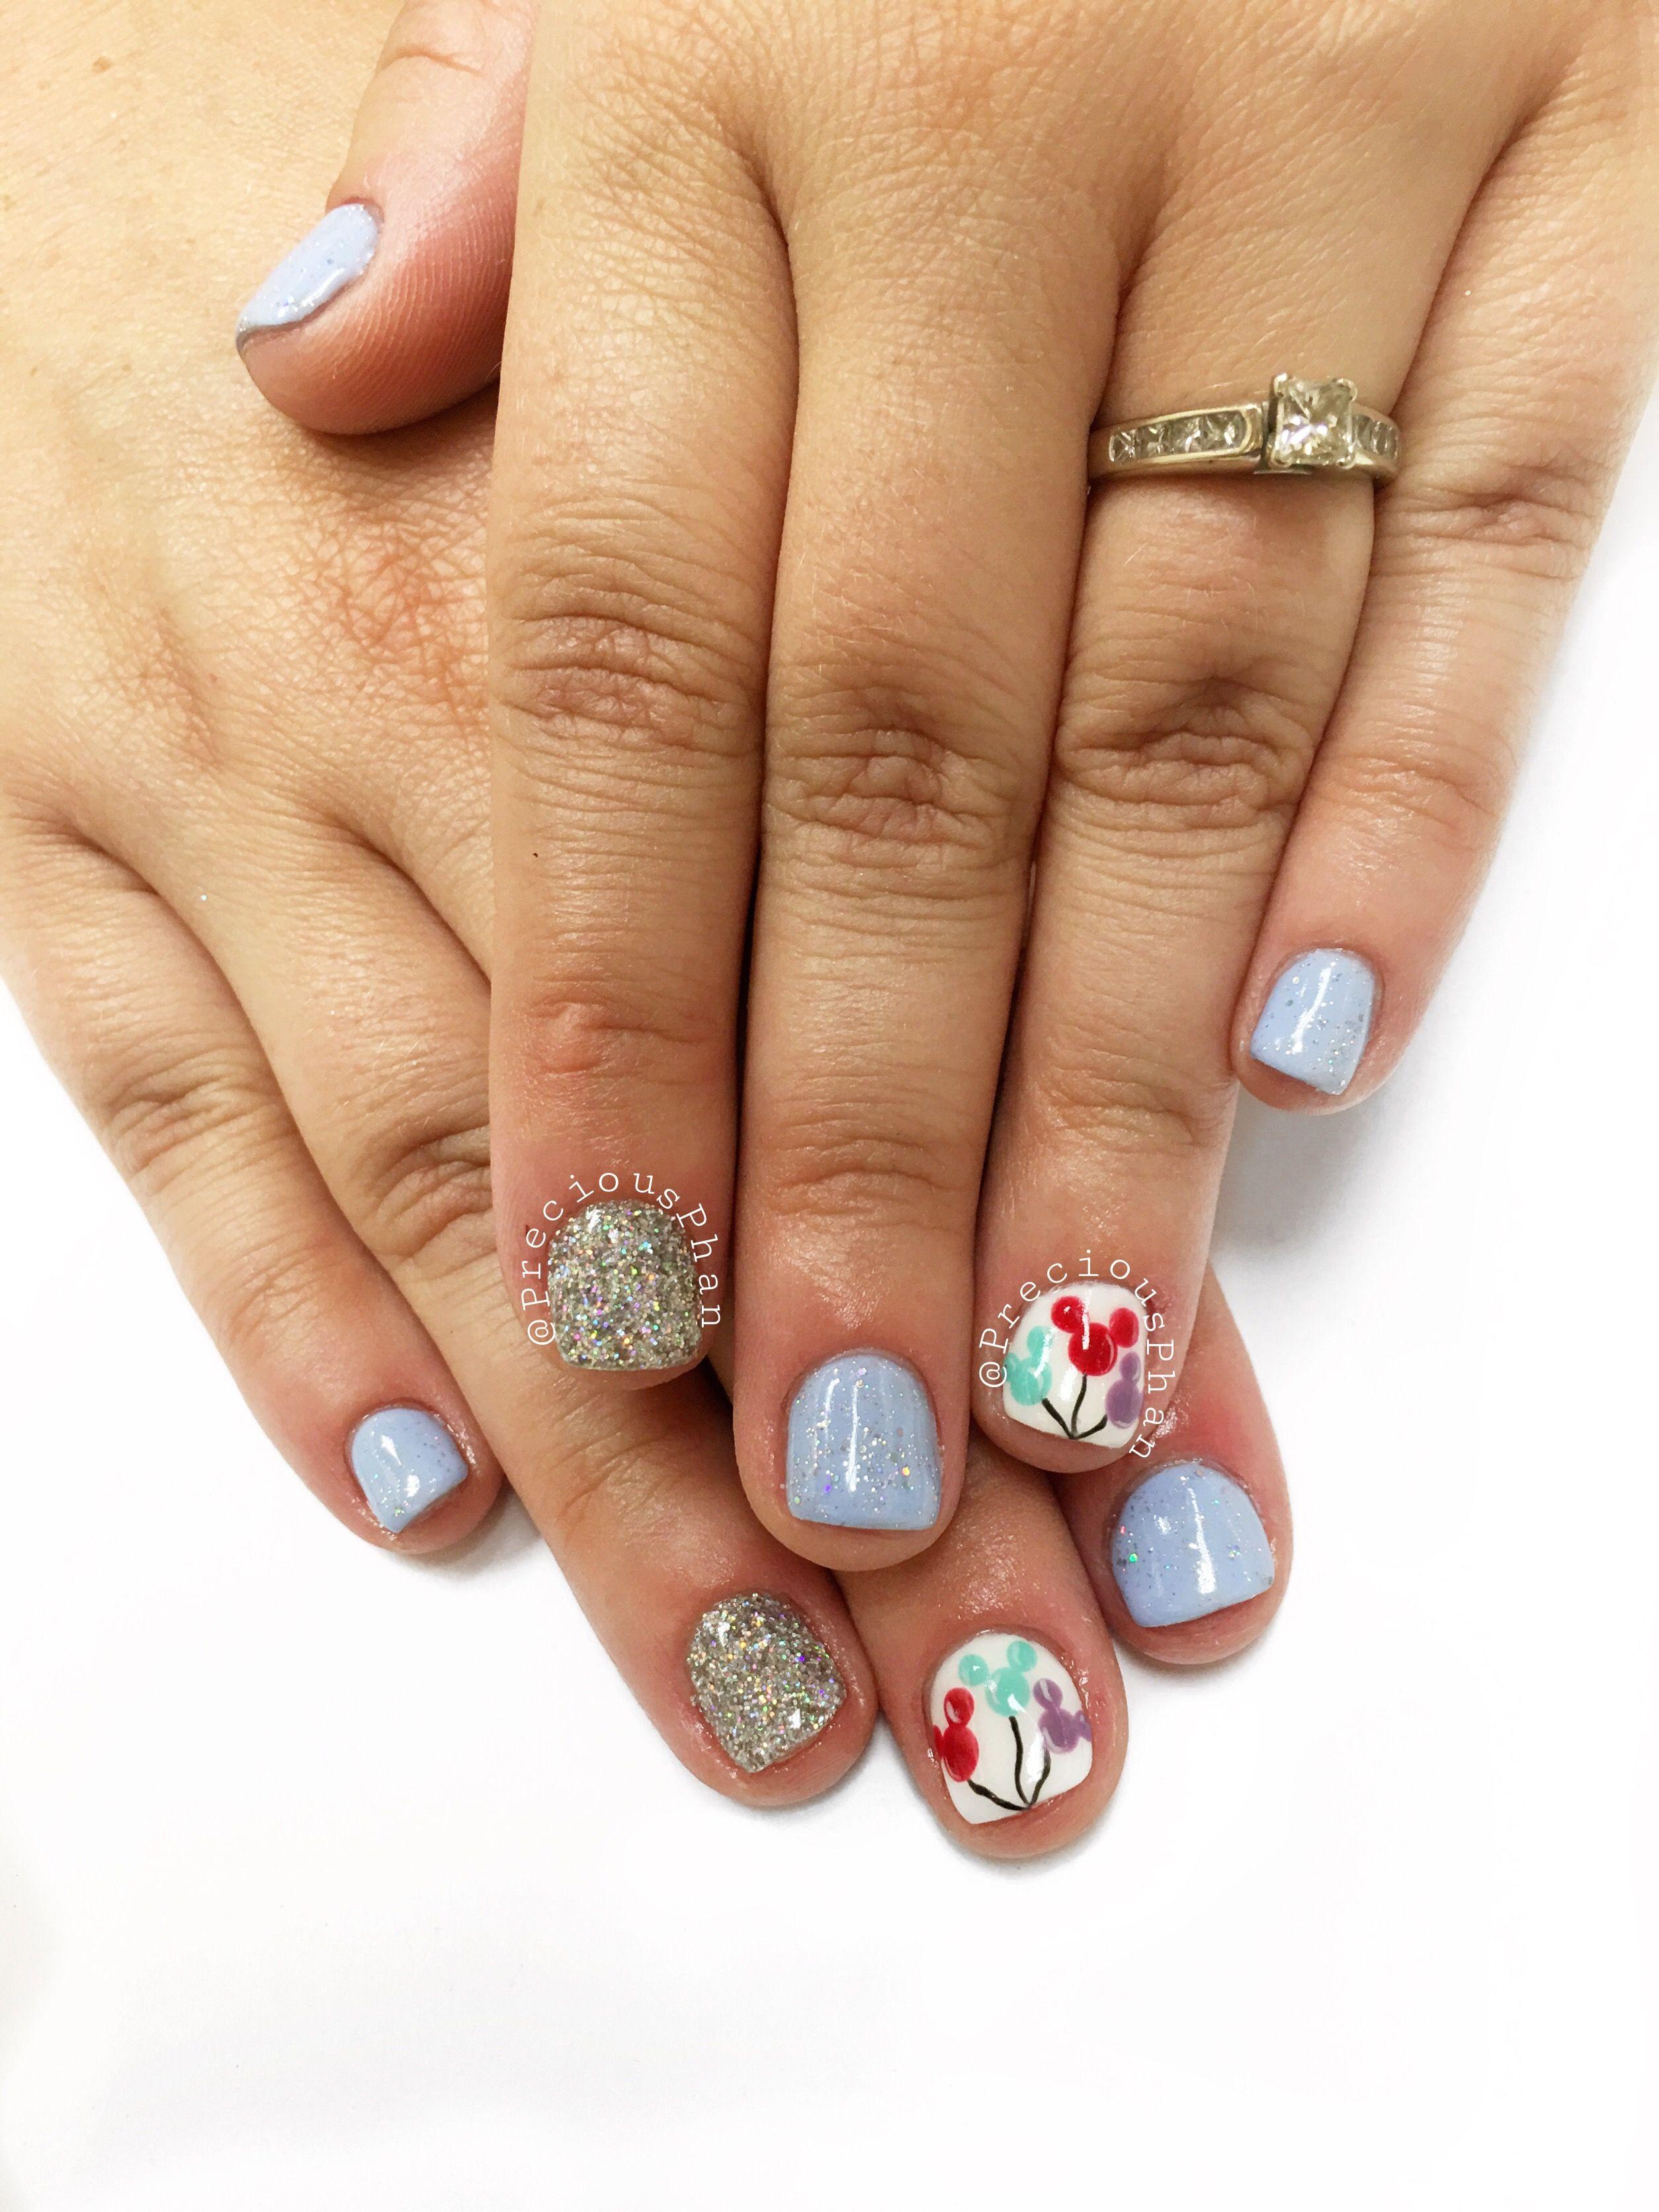 Disneyland Nails Mickey Mouse Nails Balloon Nails Preciousphan